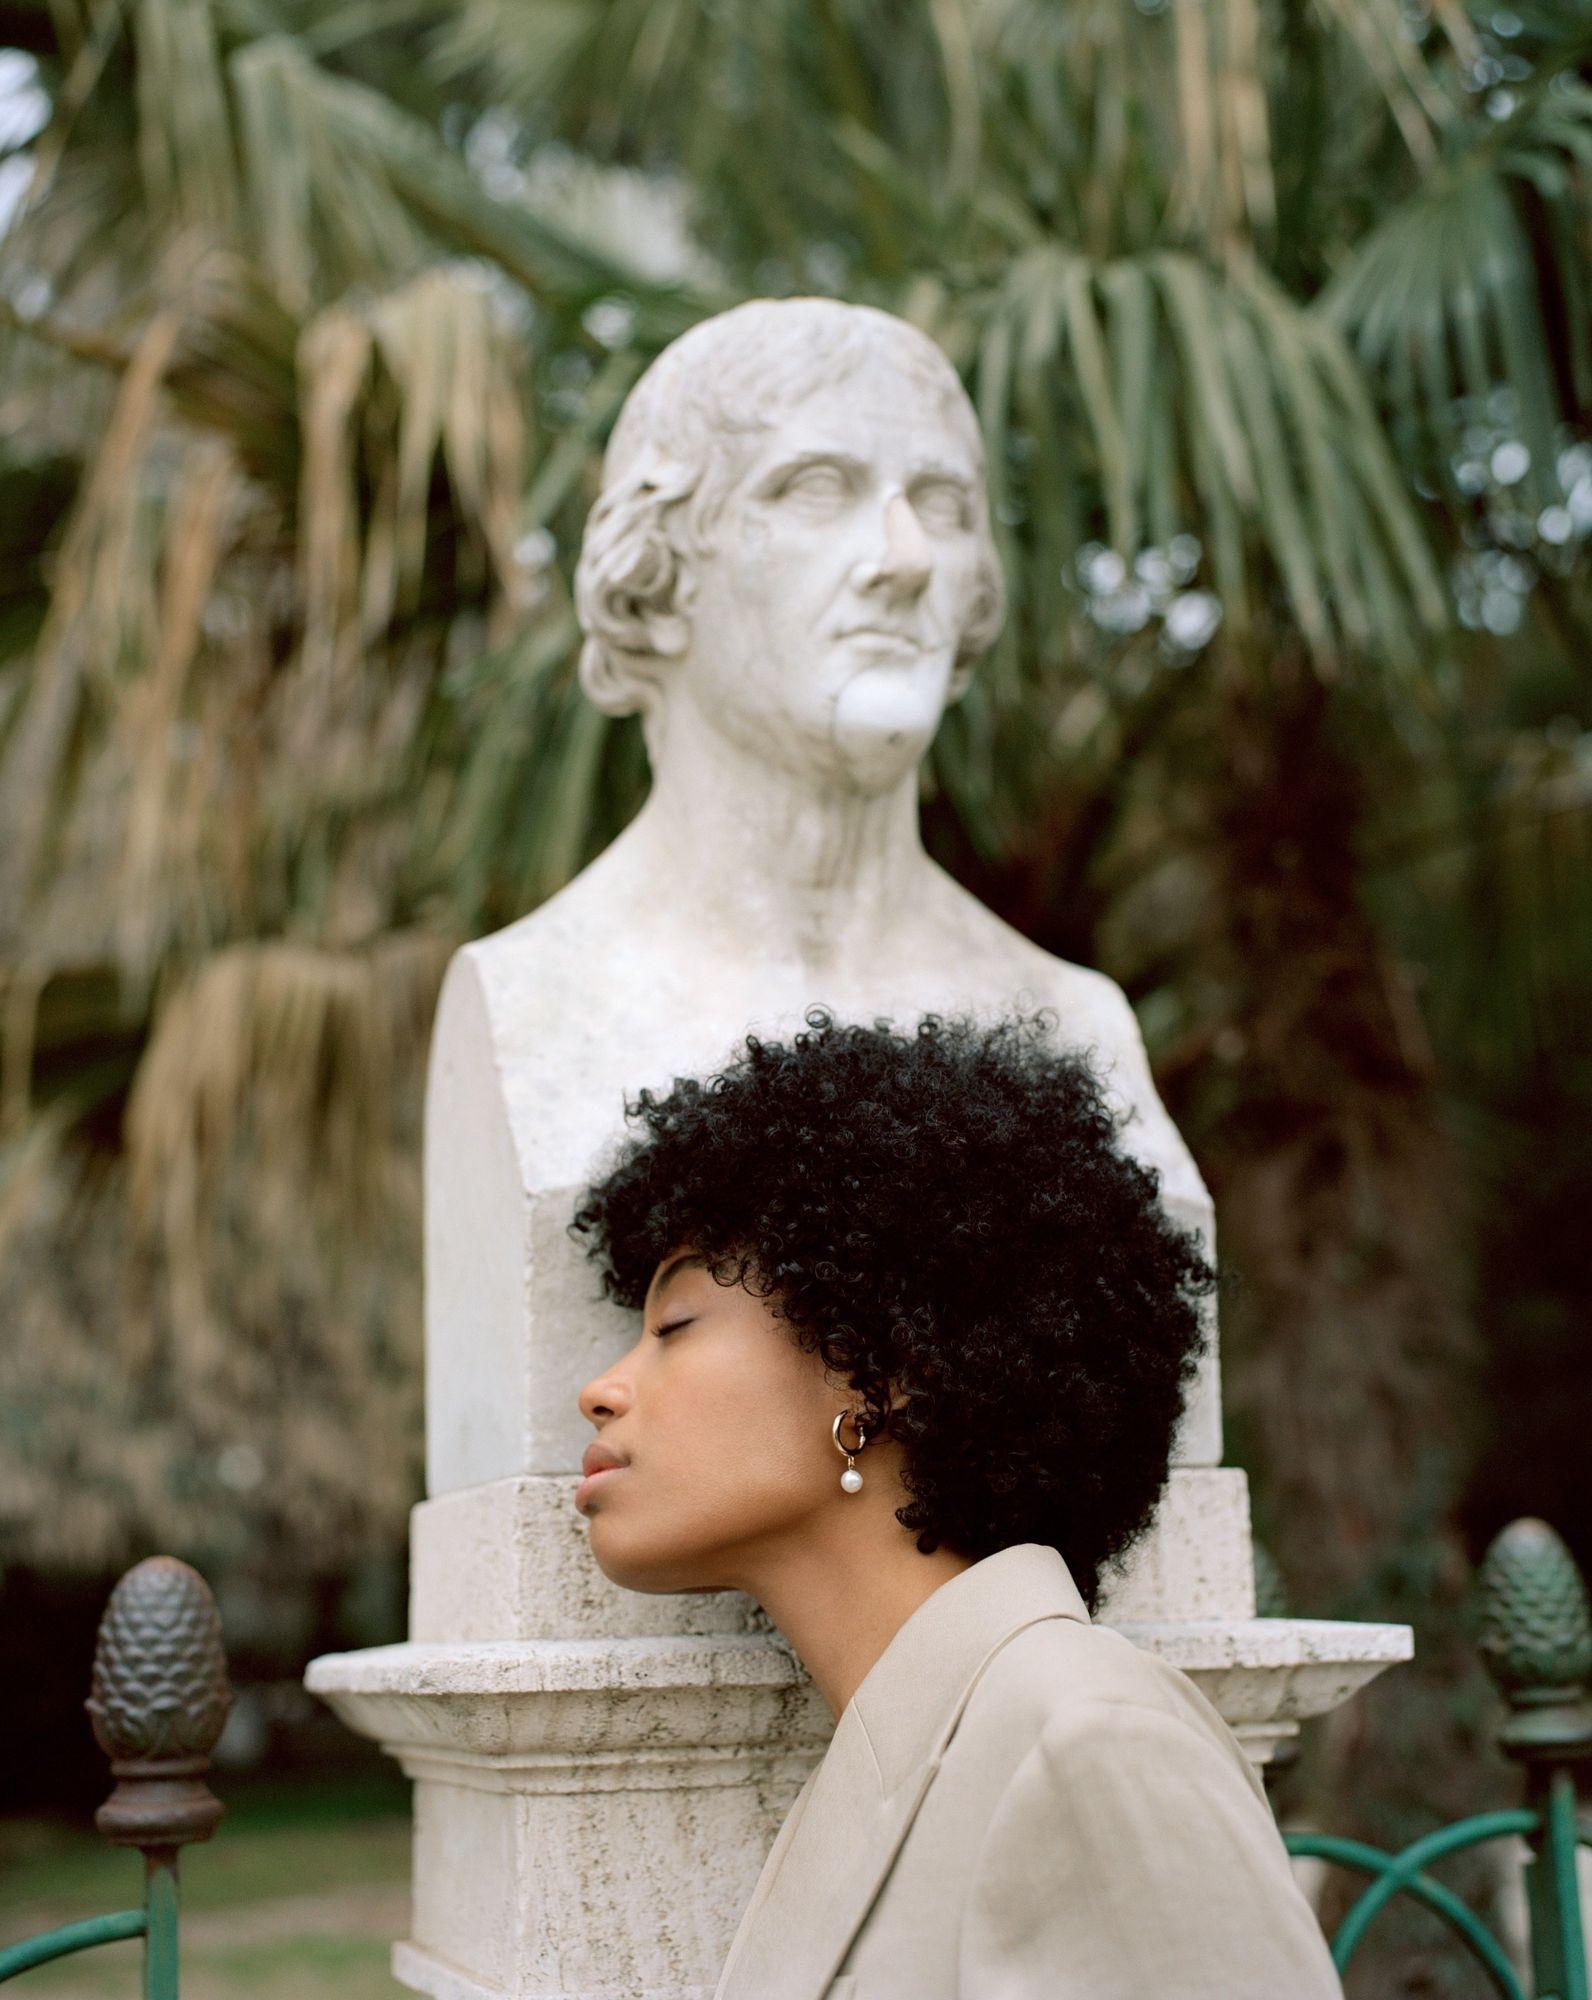 Susanna Jonas for H&M Magazine // COLLECTIVEINTEREST ARTIST MANAGEMENT